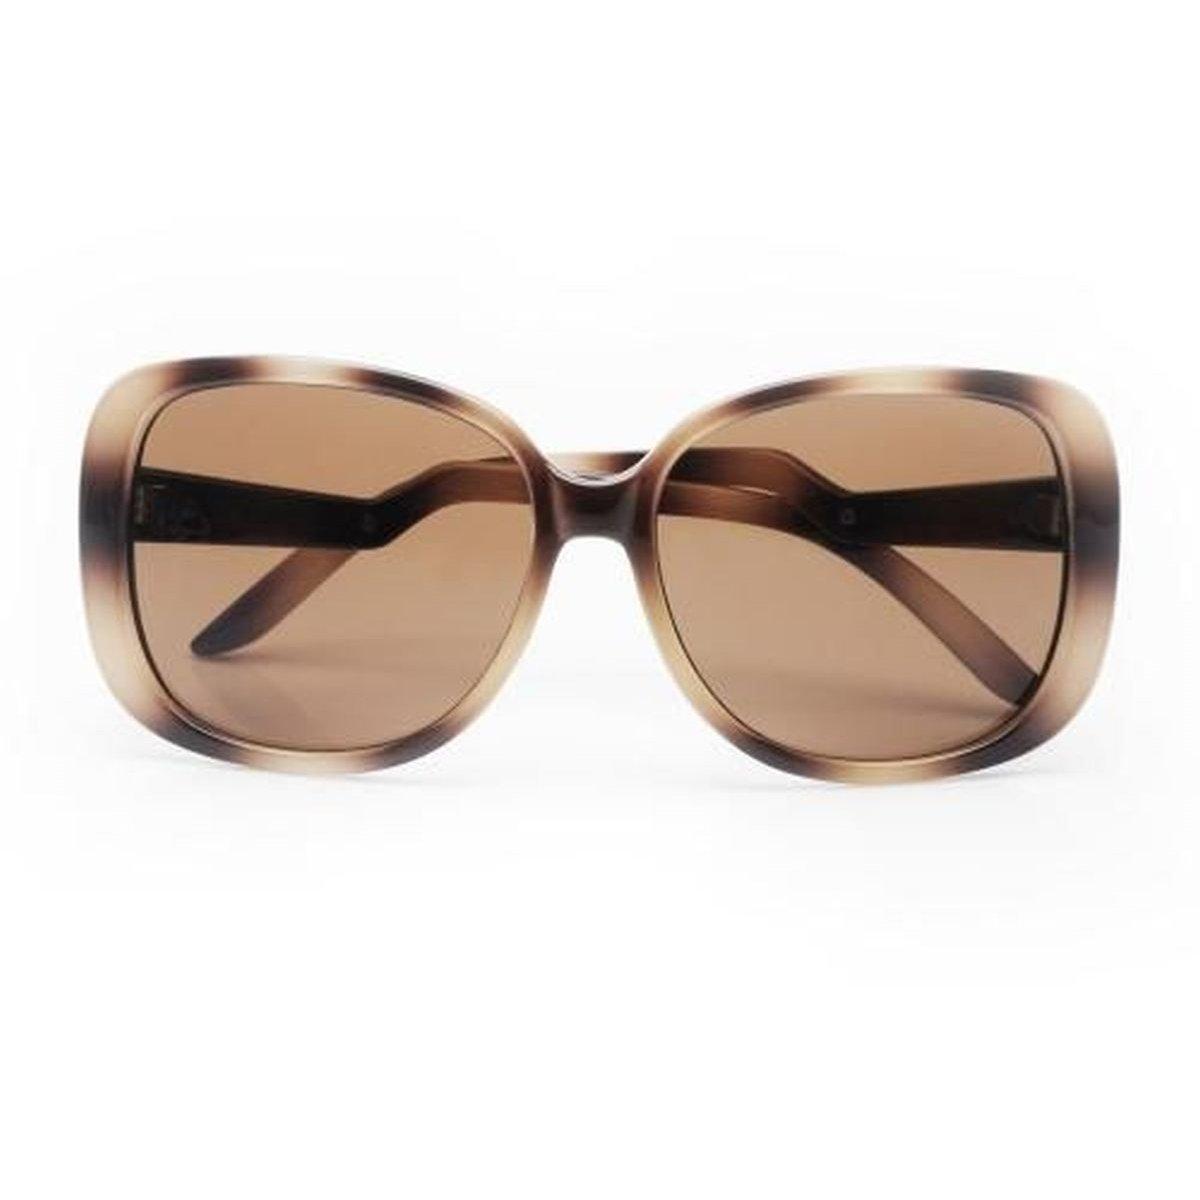 b3b74459528e2 Óculos Sol Euro Graz Oc004eu 2X Feminino - Compre Agora   Netshoes